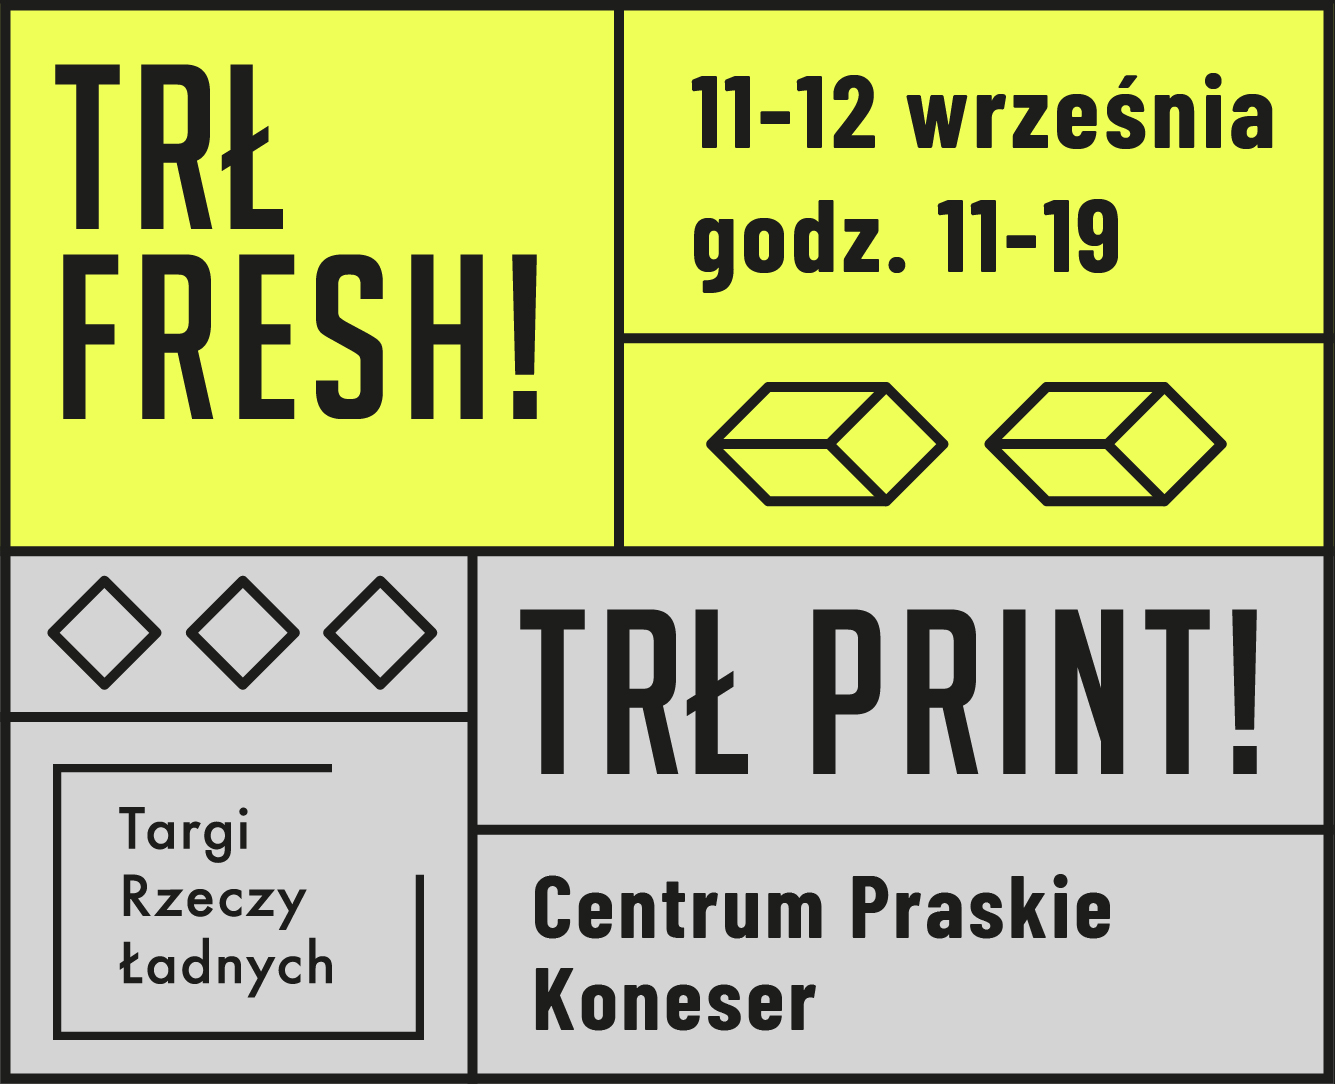 Polski design znów wWarszawie! TRŁ FRESH! otwiera nowy sezon Targów Rzeczy Ładnych